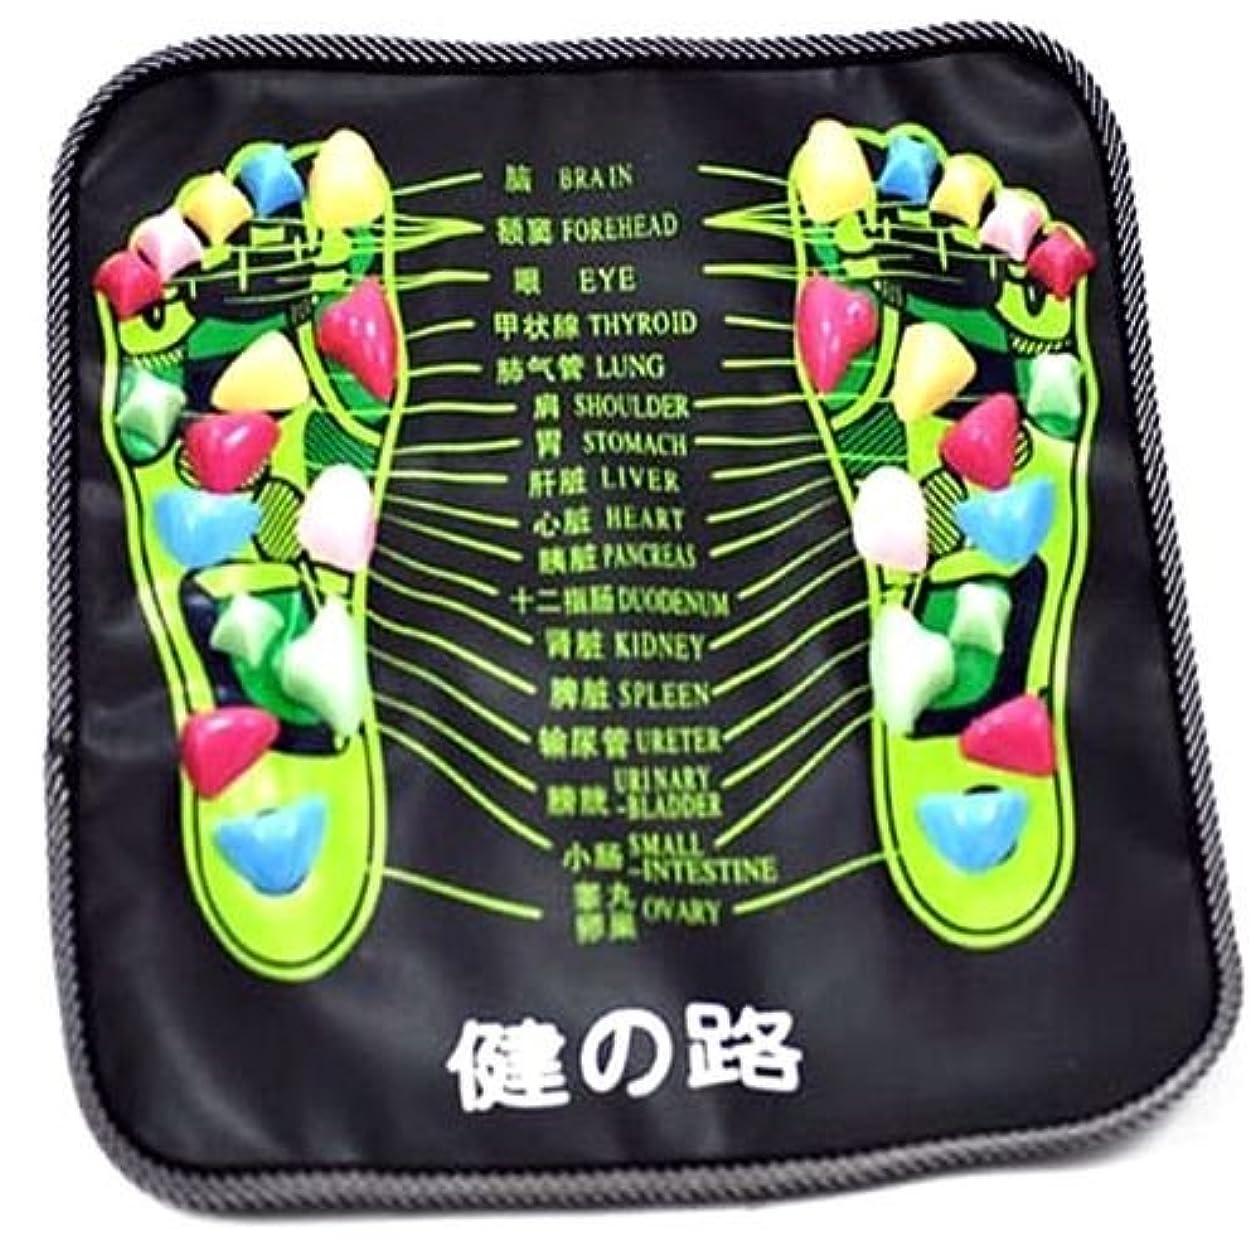 有能な未接続相談するisz-spo 足ツボ マッサージ 健康ボード プラスチック 簡単 収納